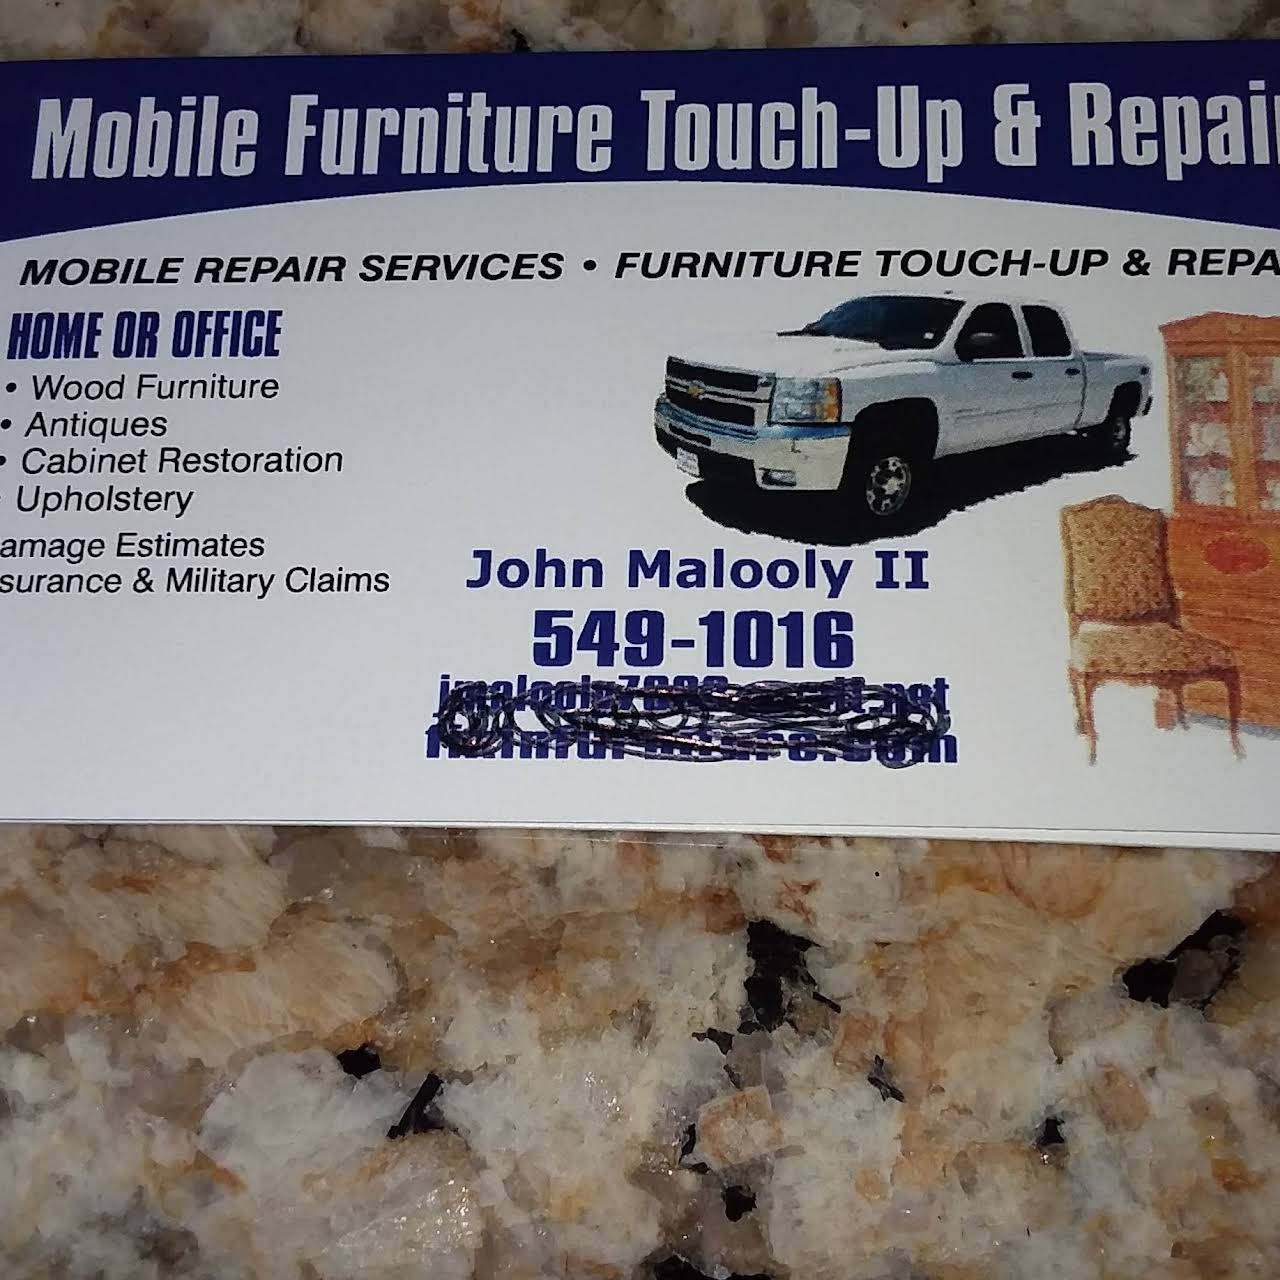 Mobile Furniture Repair - Furniture Repair Shop in Canutillo